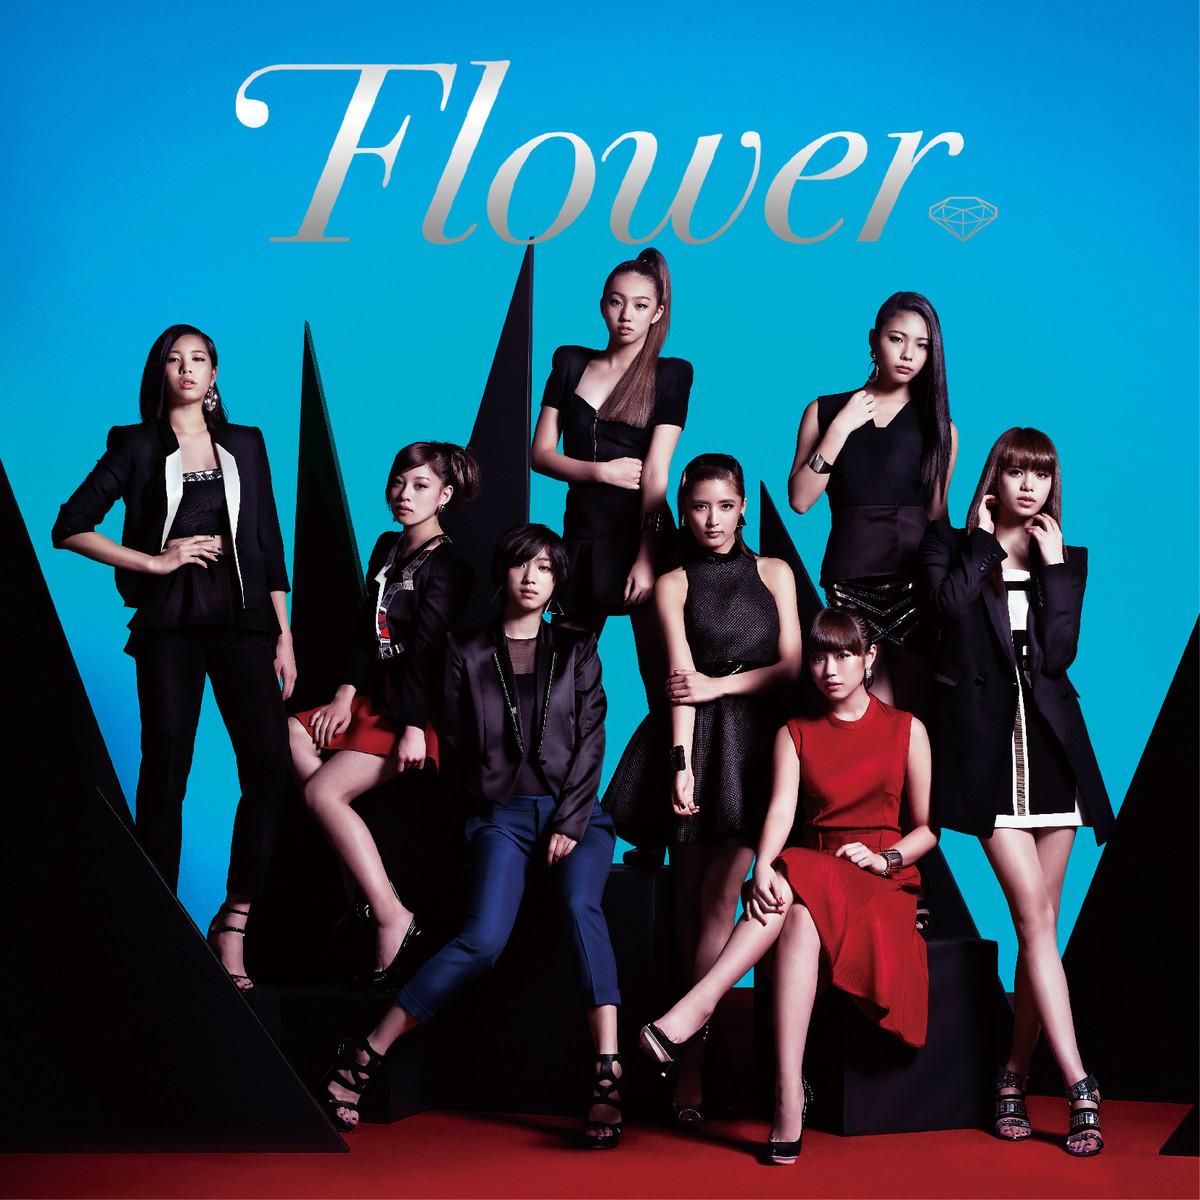 20151221.22.1 Flower - Flower cover 1.jpg